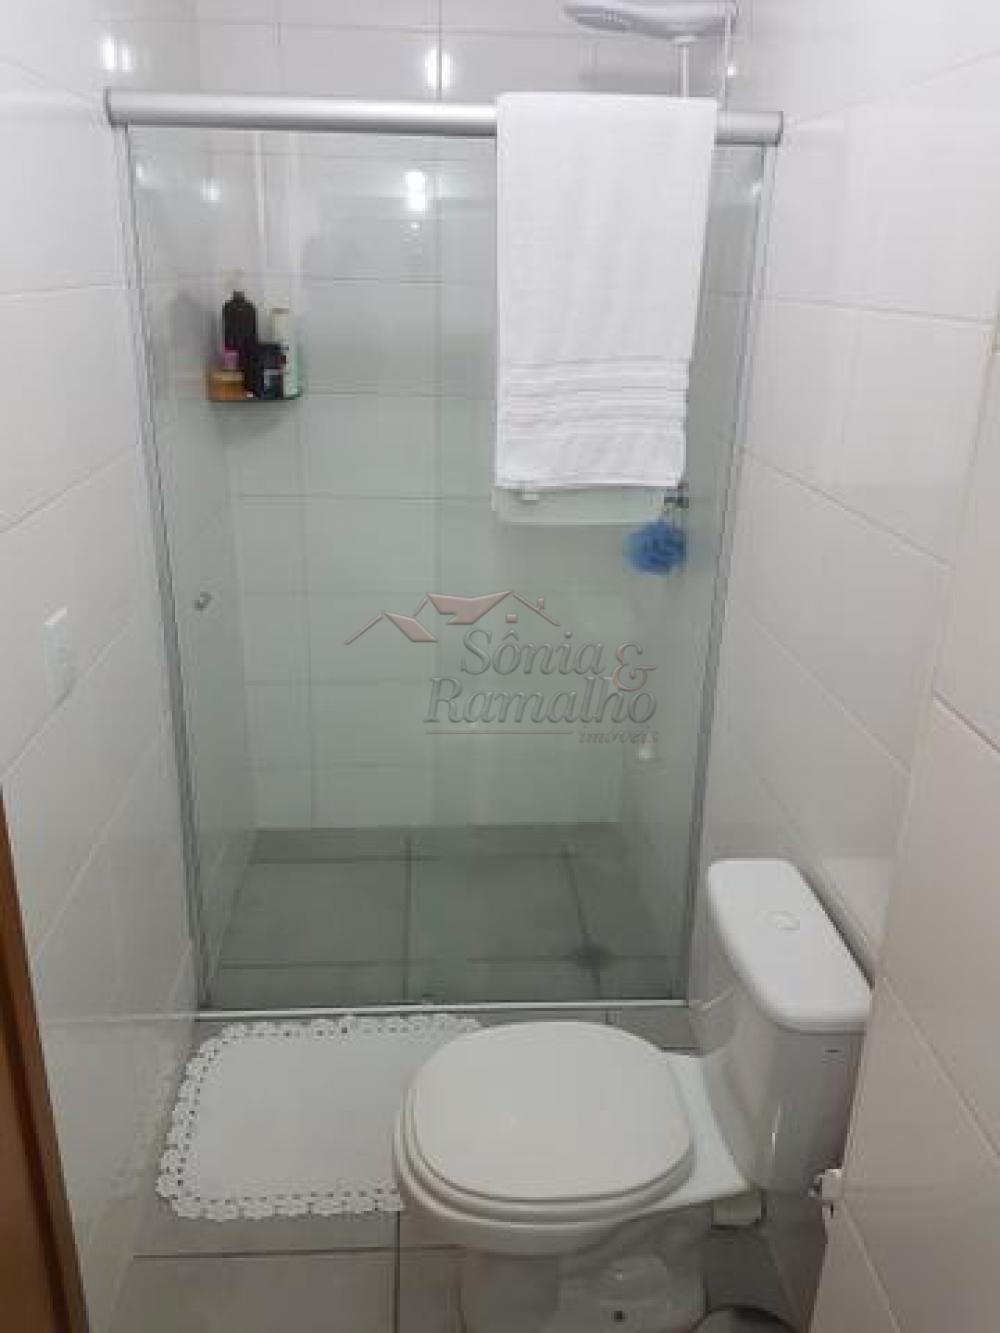 Comprar Apartamentos / Padrão em Ribeirão Preto apenas R$ 300.000,00 - Foto 16